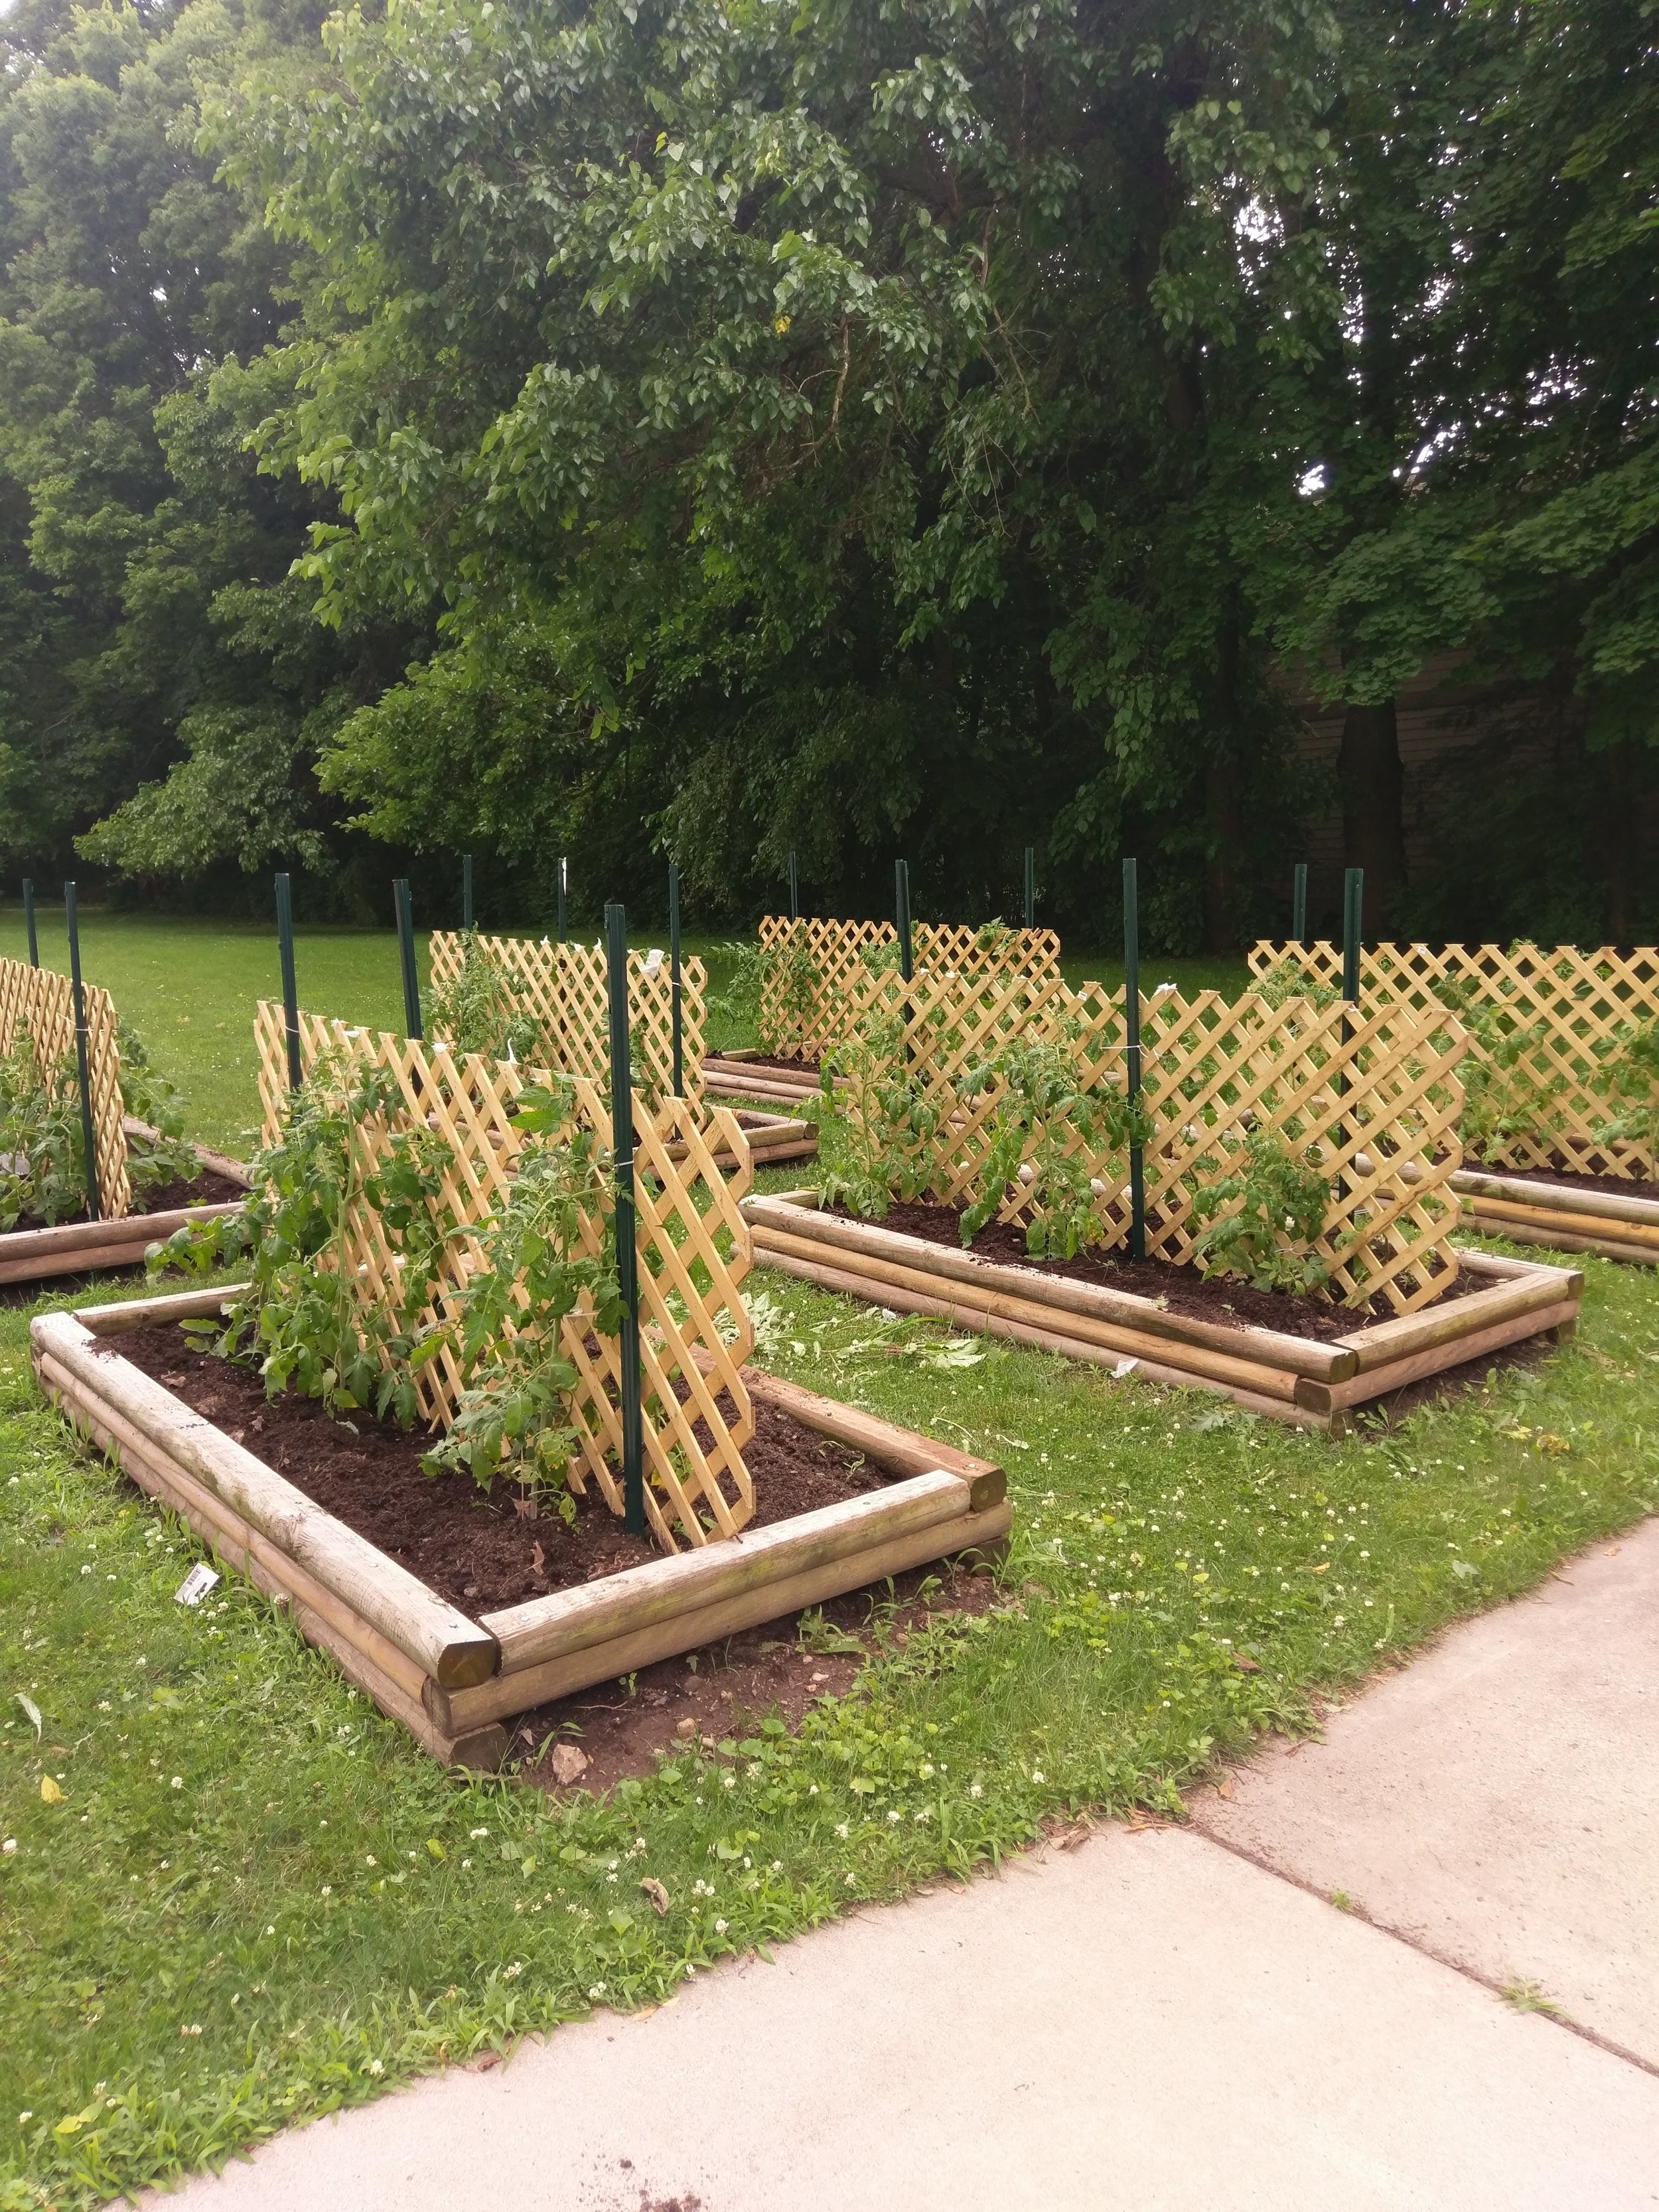 Gabby's Garden at All Saints' Syracuse